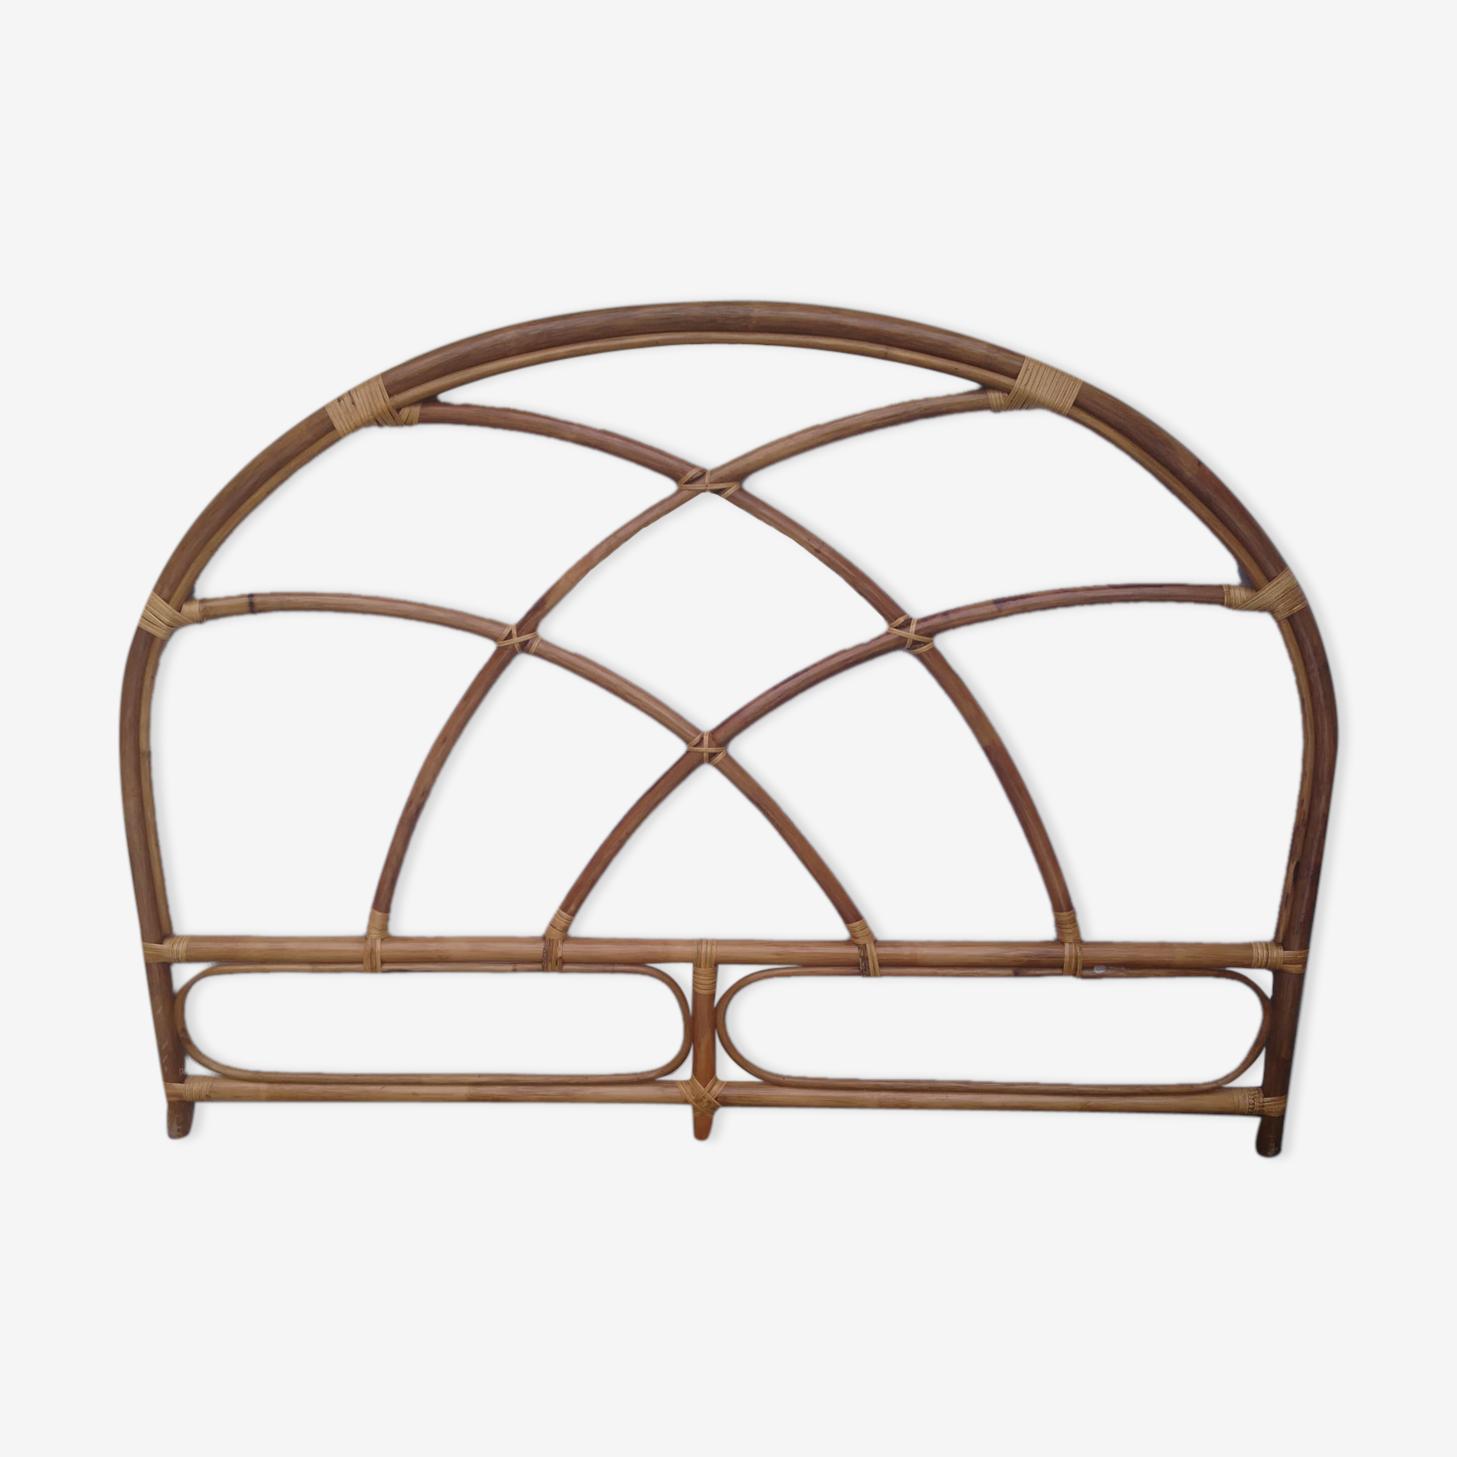 Tête de lit en bambou des années 1960